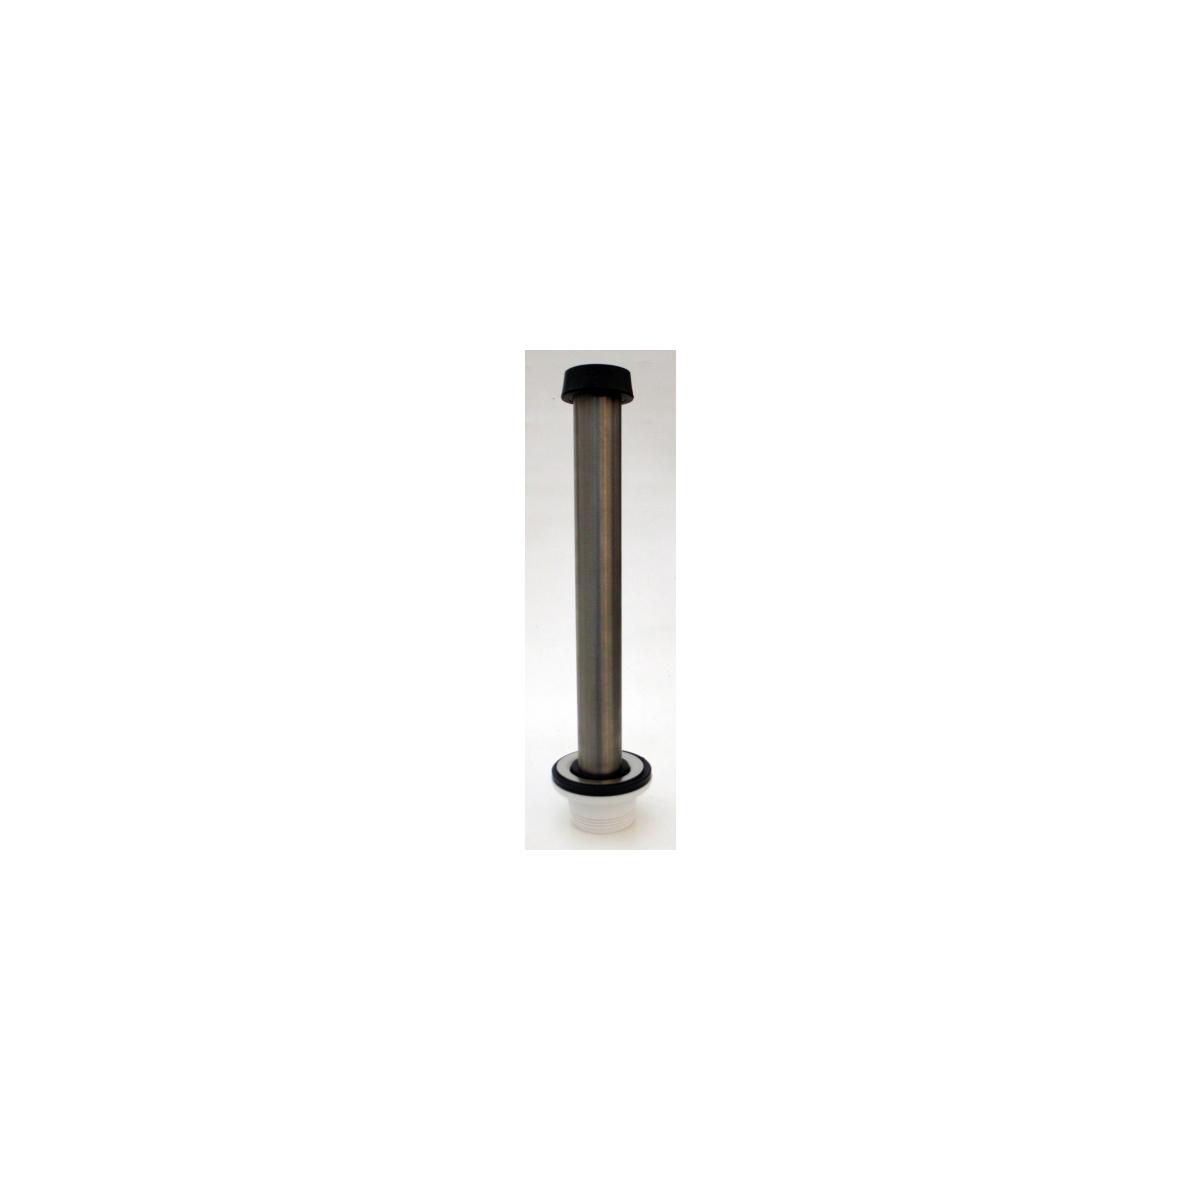 Ab und Überlaufgarnitur 1 14 Zoll für 300 mm Beckentiefe ~ Spülbecken In Arbeitsplatte Einlassen